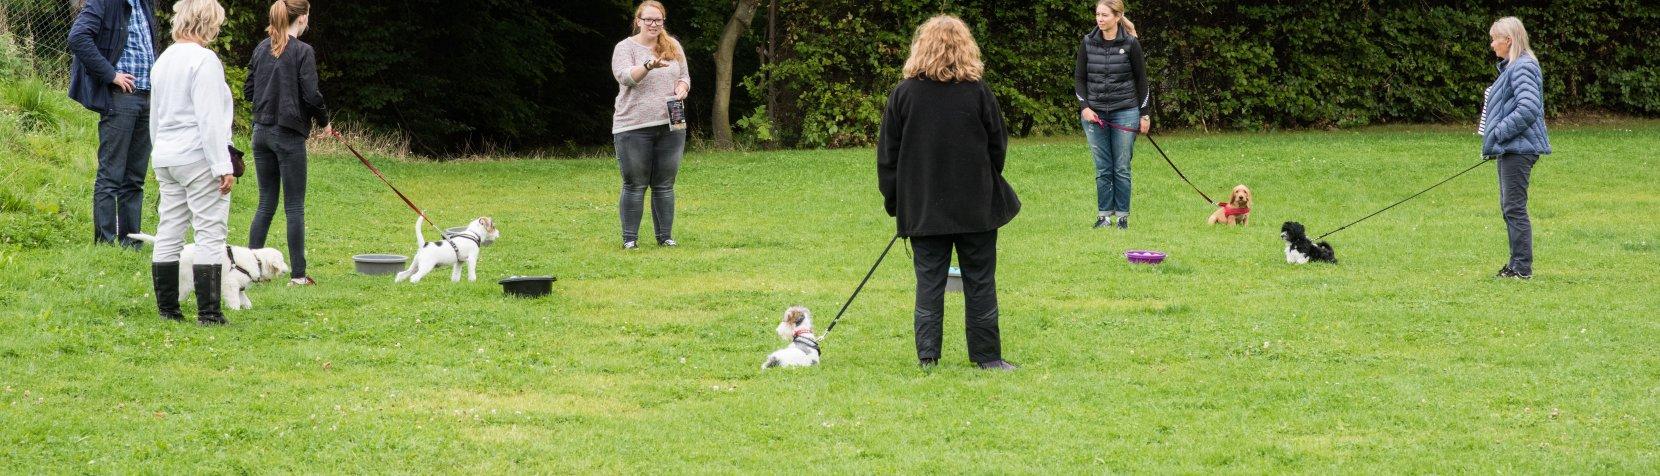 Hundeskole